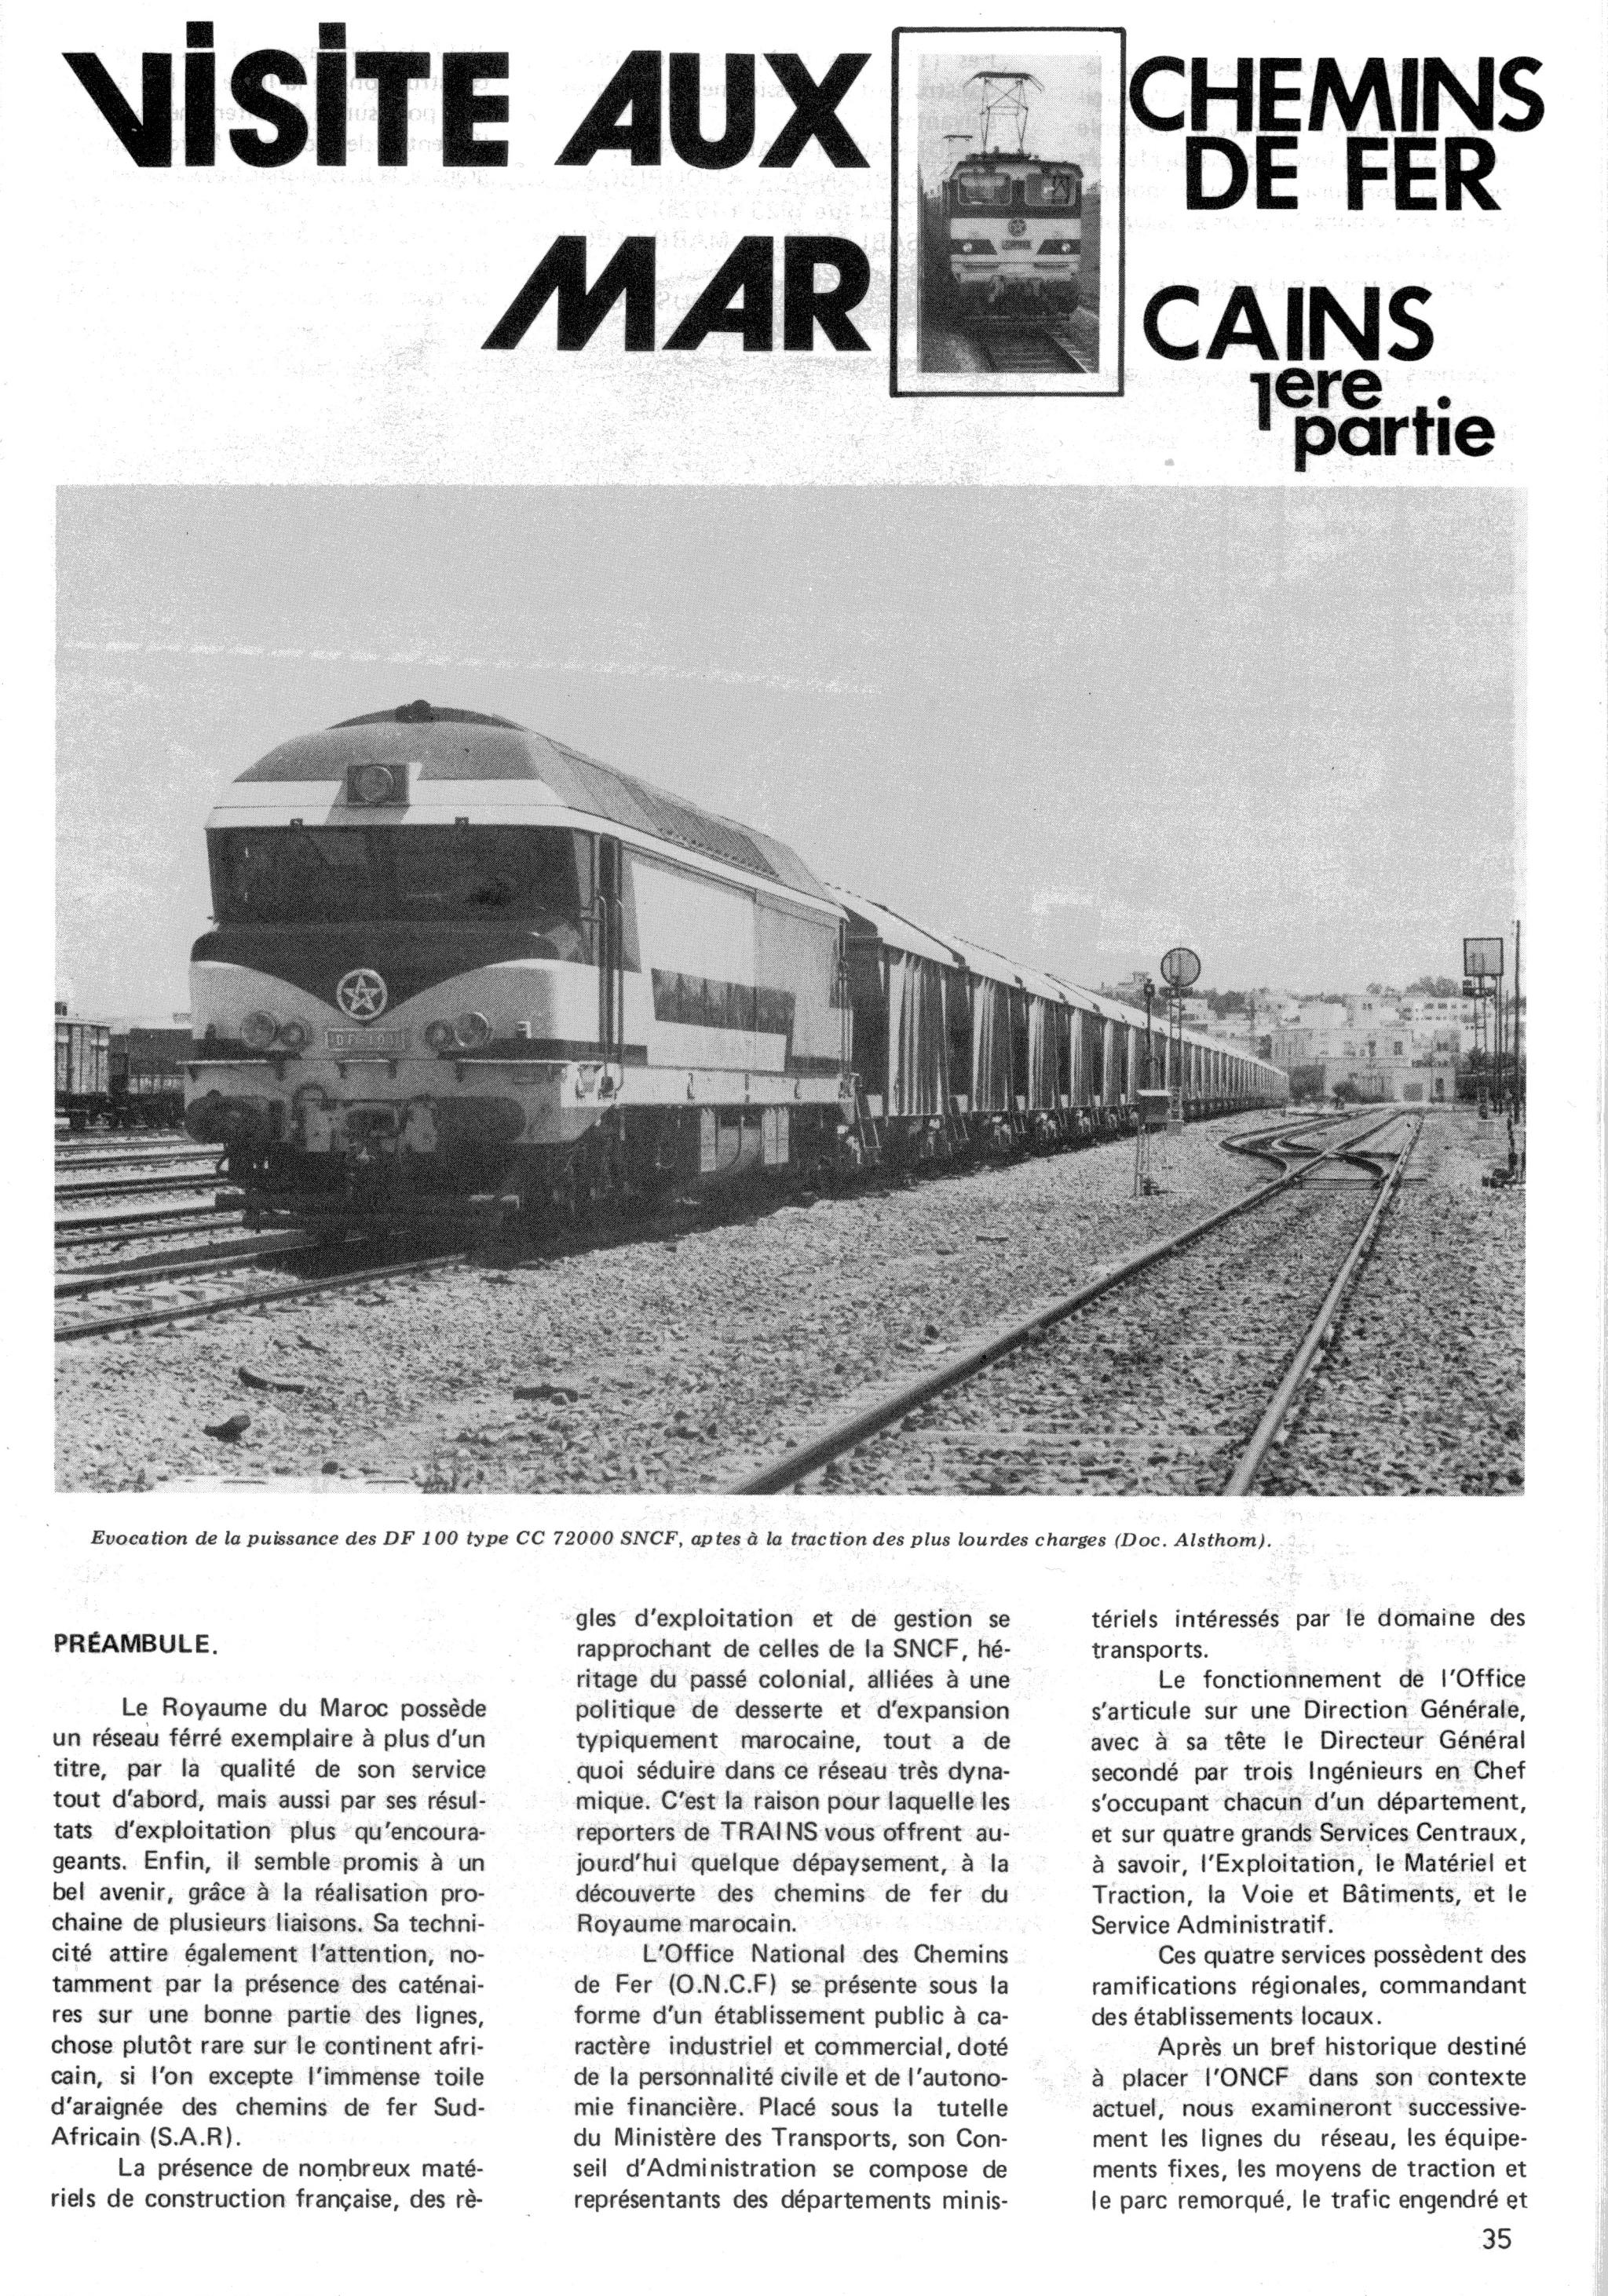 Chemins de Fer au Maroc - ONCF  - Page 4 49728777473_325fd2624c_o_d